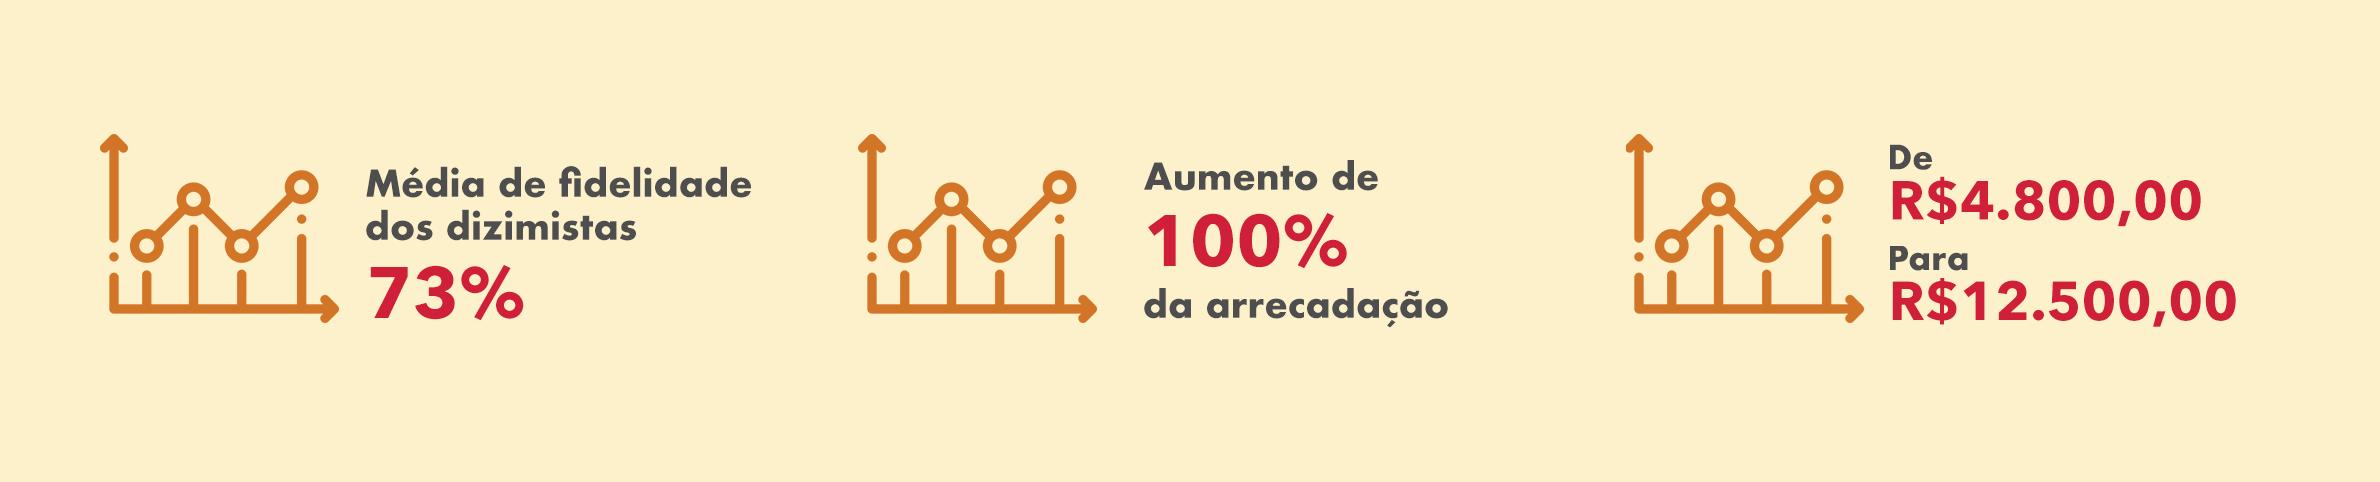 banner_dados.porcentagens_paroquiansrapiedade